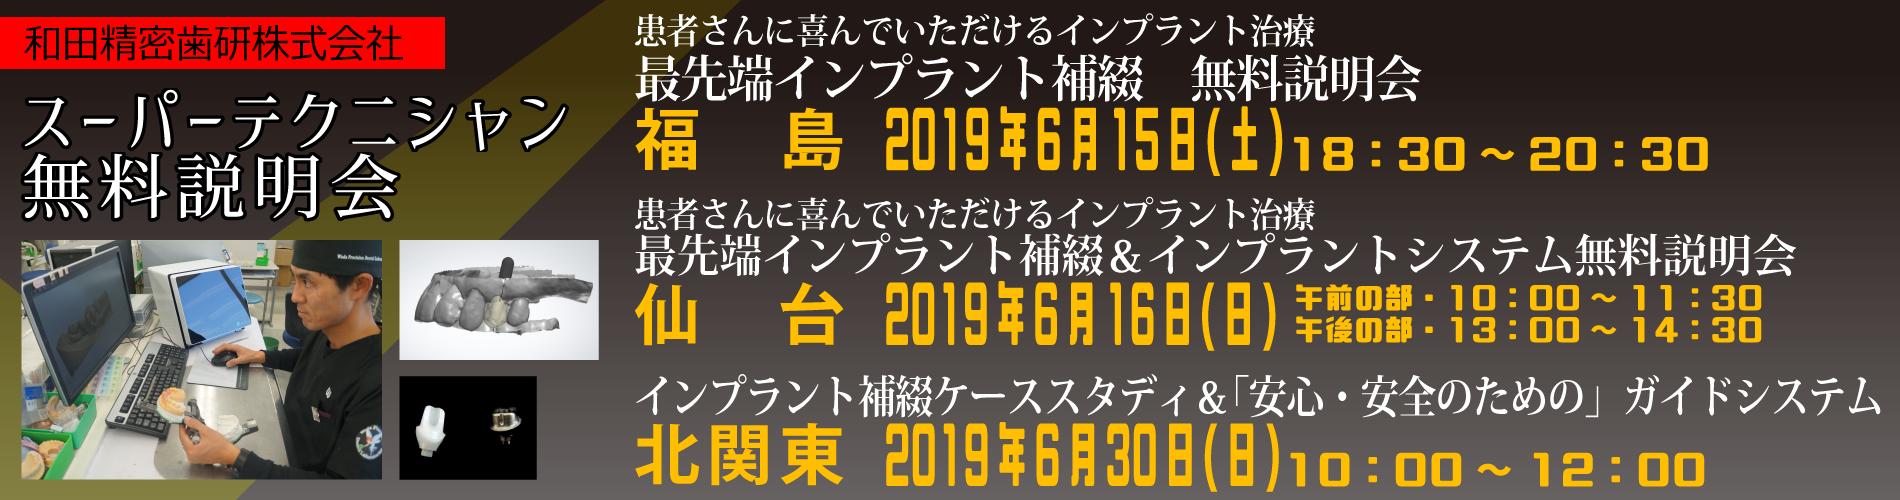 桝屋順一先生 講演会 2019年 開催日程